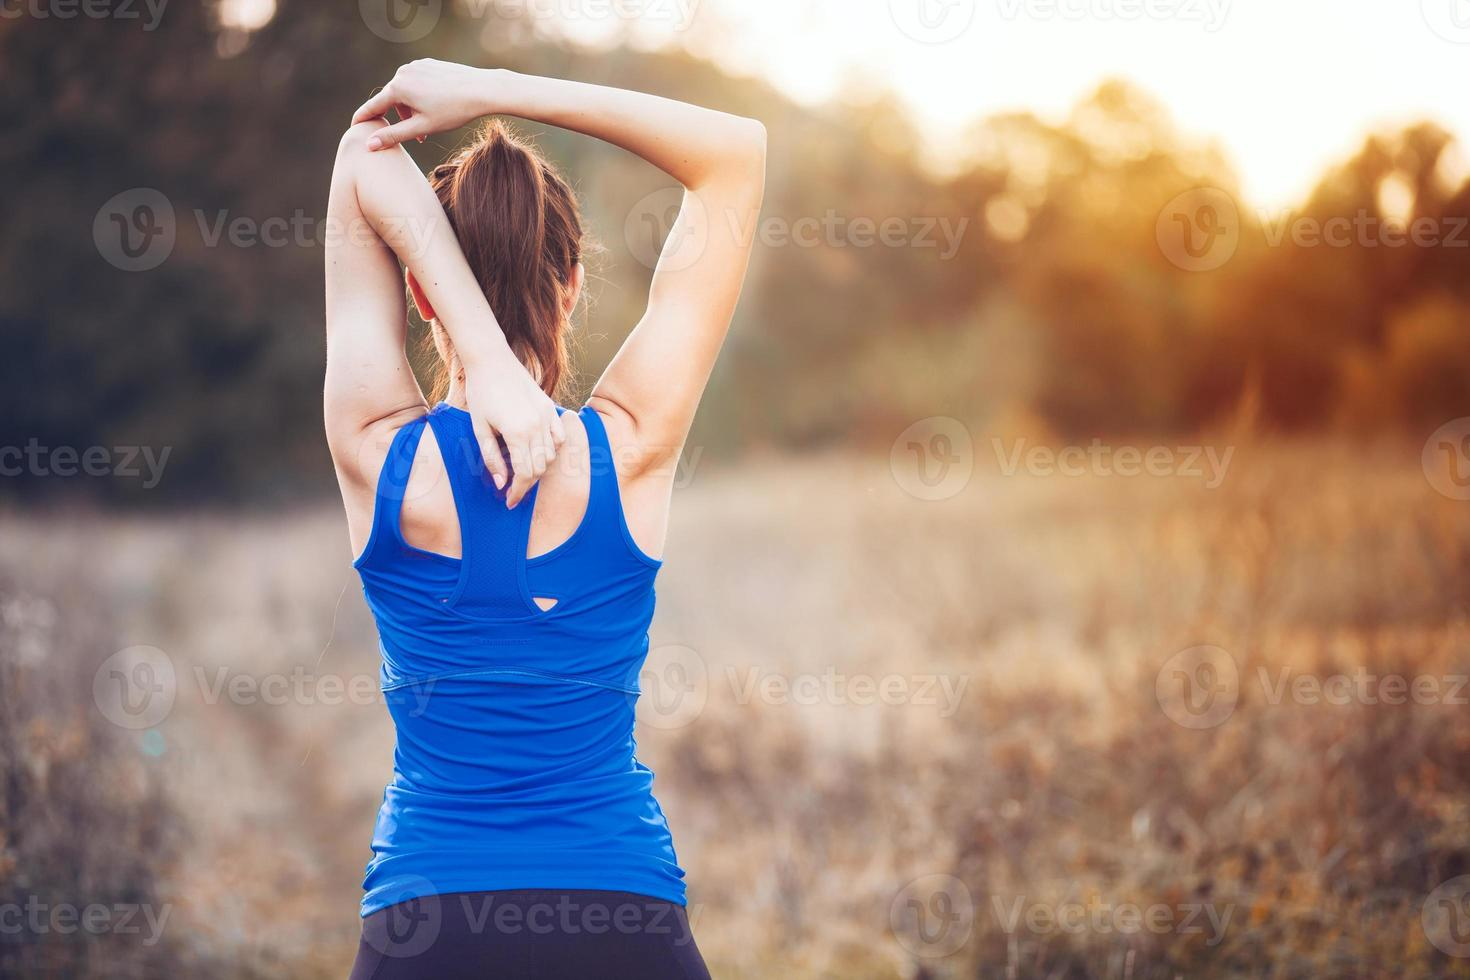 ejercicio de mujer al aire libre foto